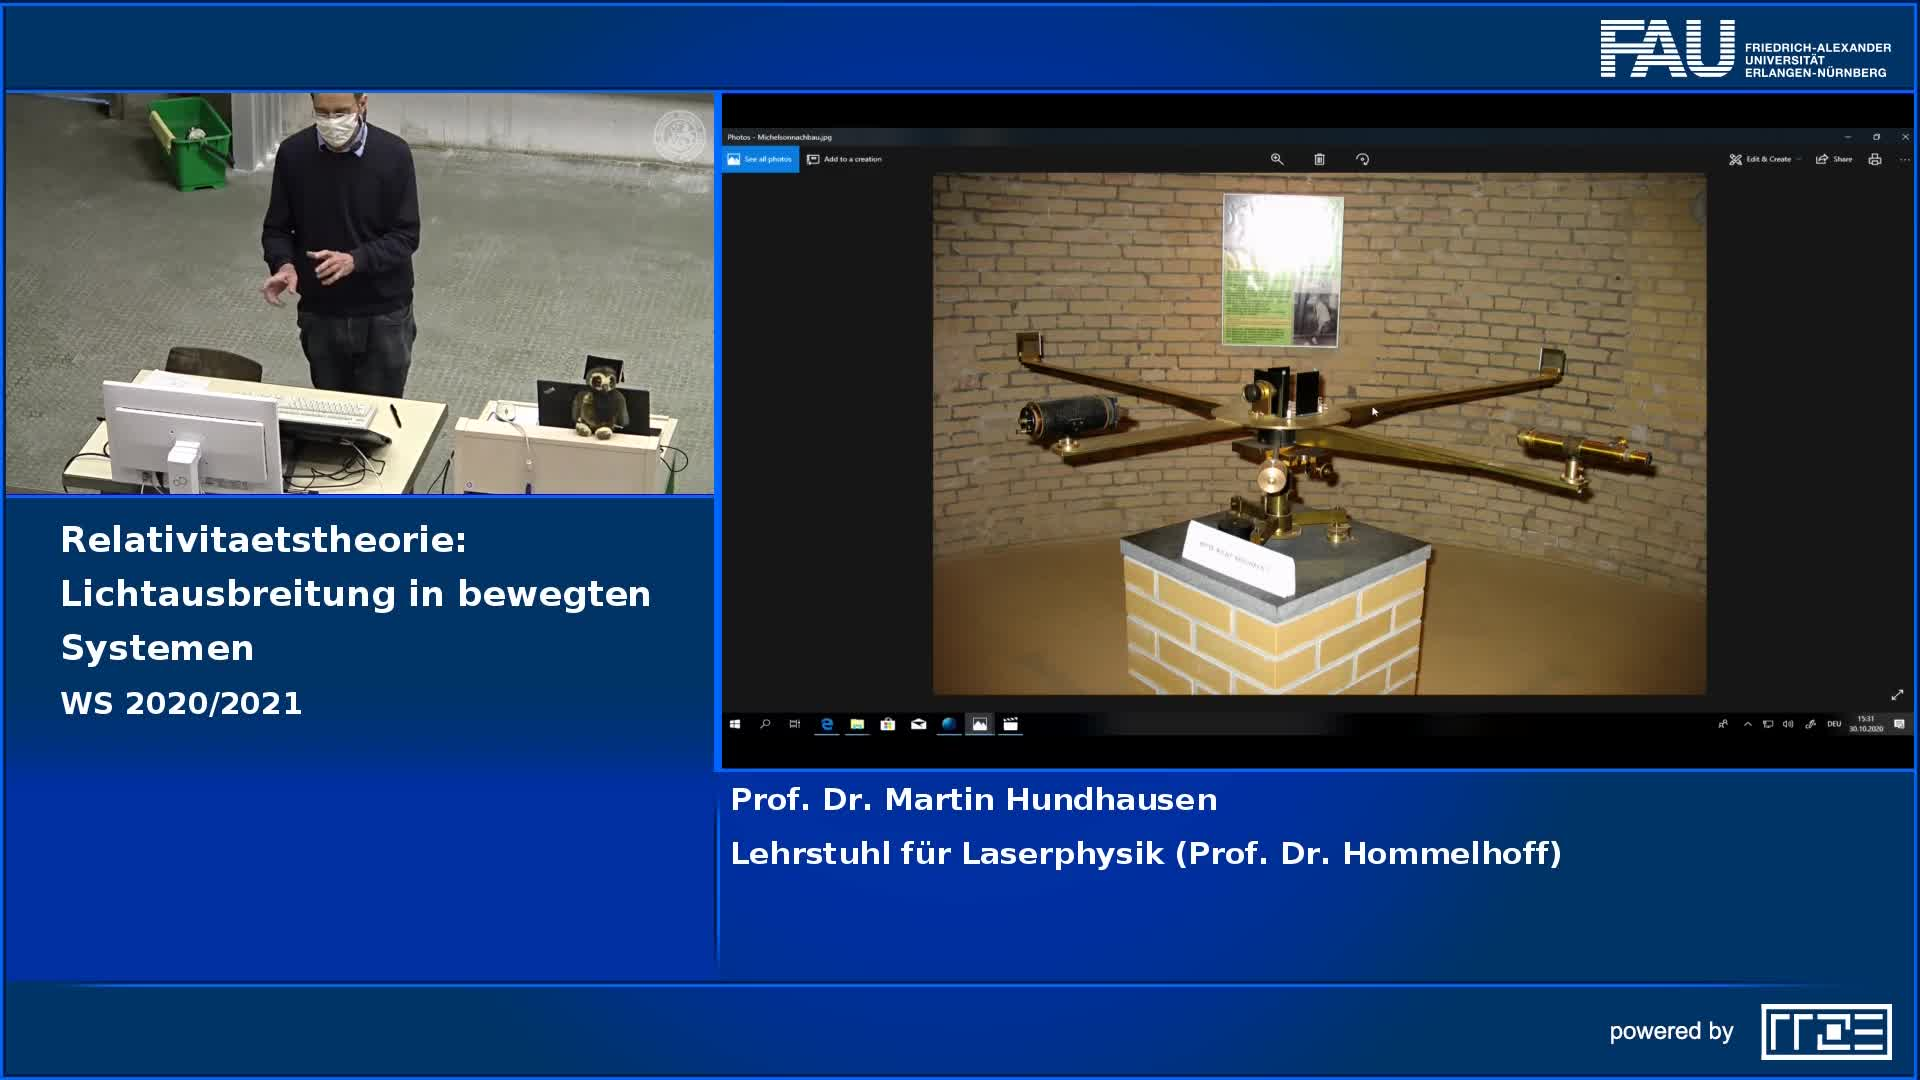 Relativitätstheorie: Lichtausbreitung in bewegten Systemen preview image